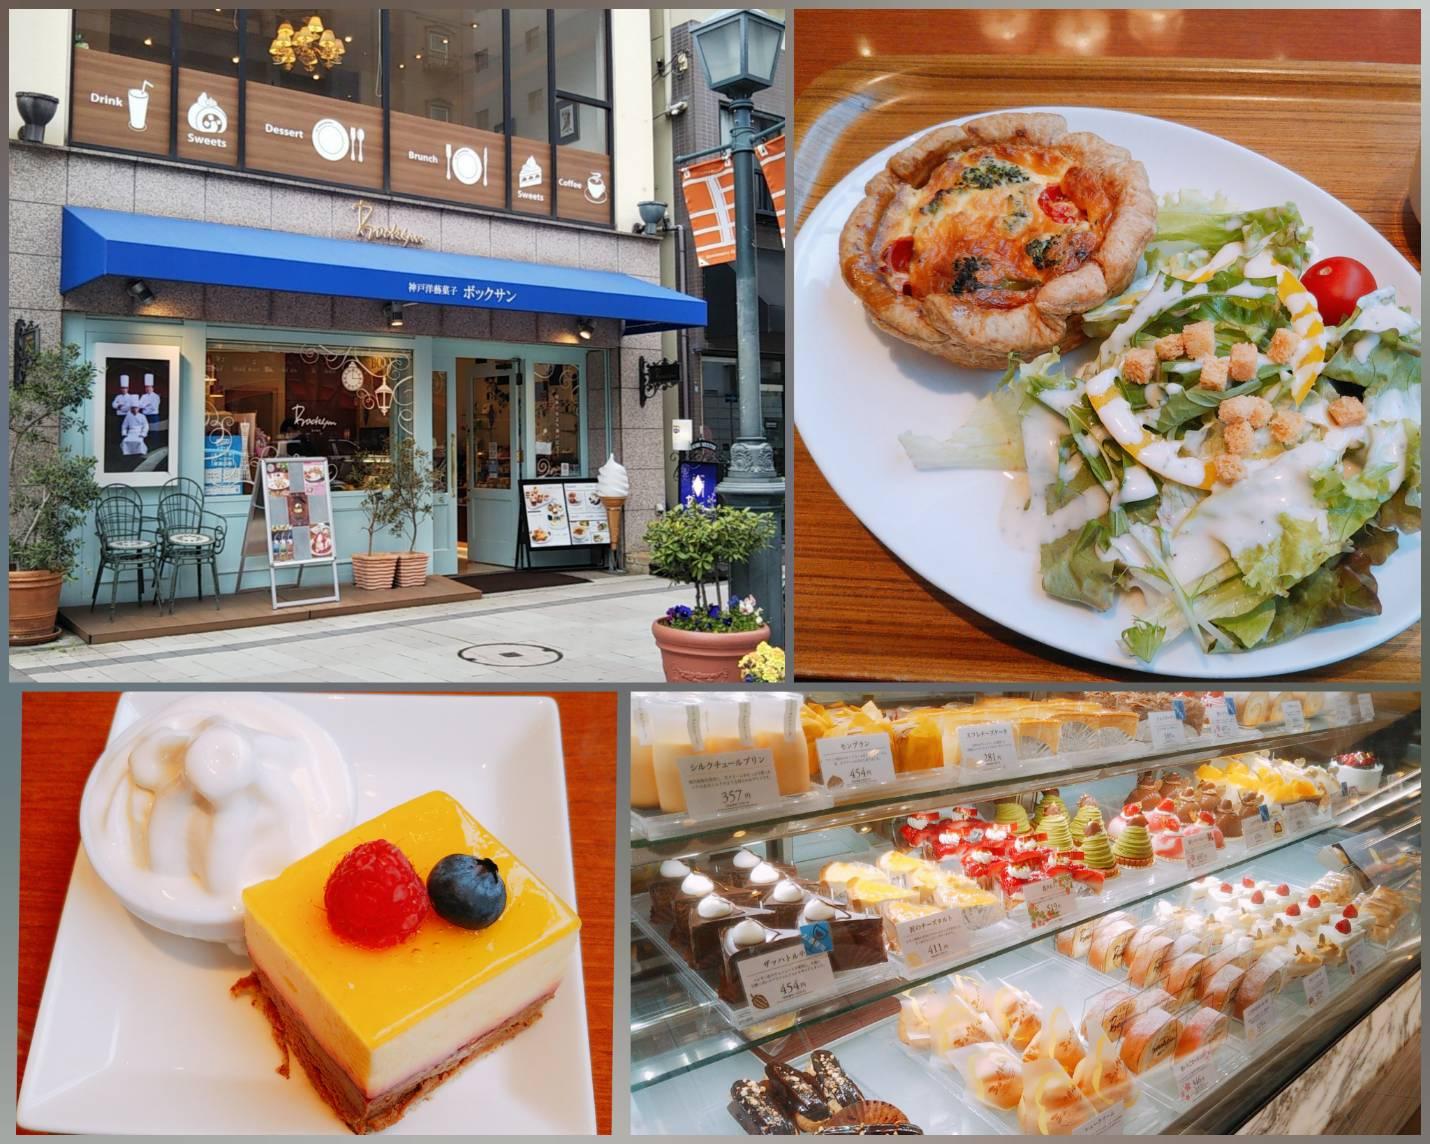 美味しいランチも魅力的な 昭和10年創業の老舗のケーキ店『Bocksun(ボックサン) 三ノ宮店』